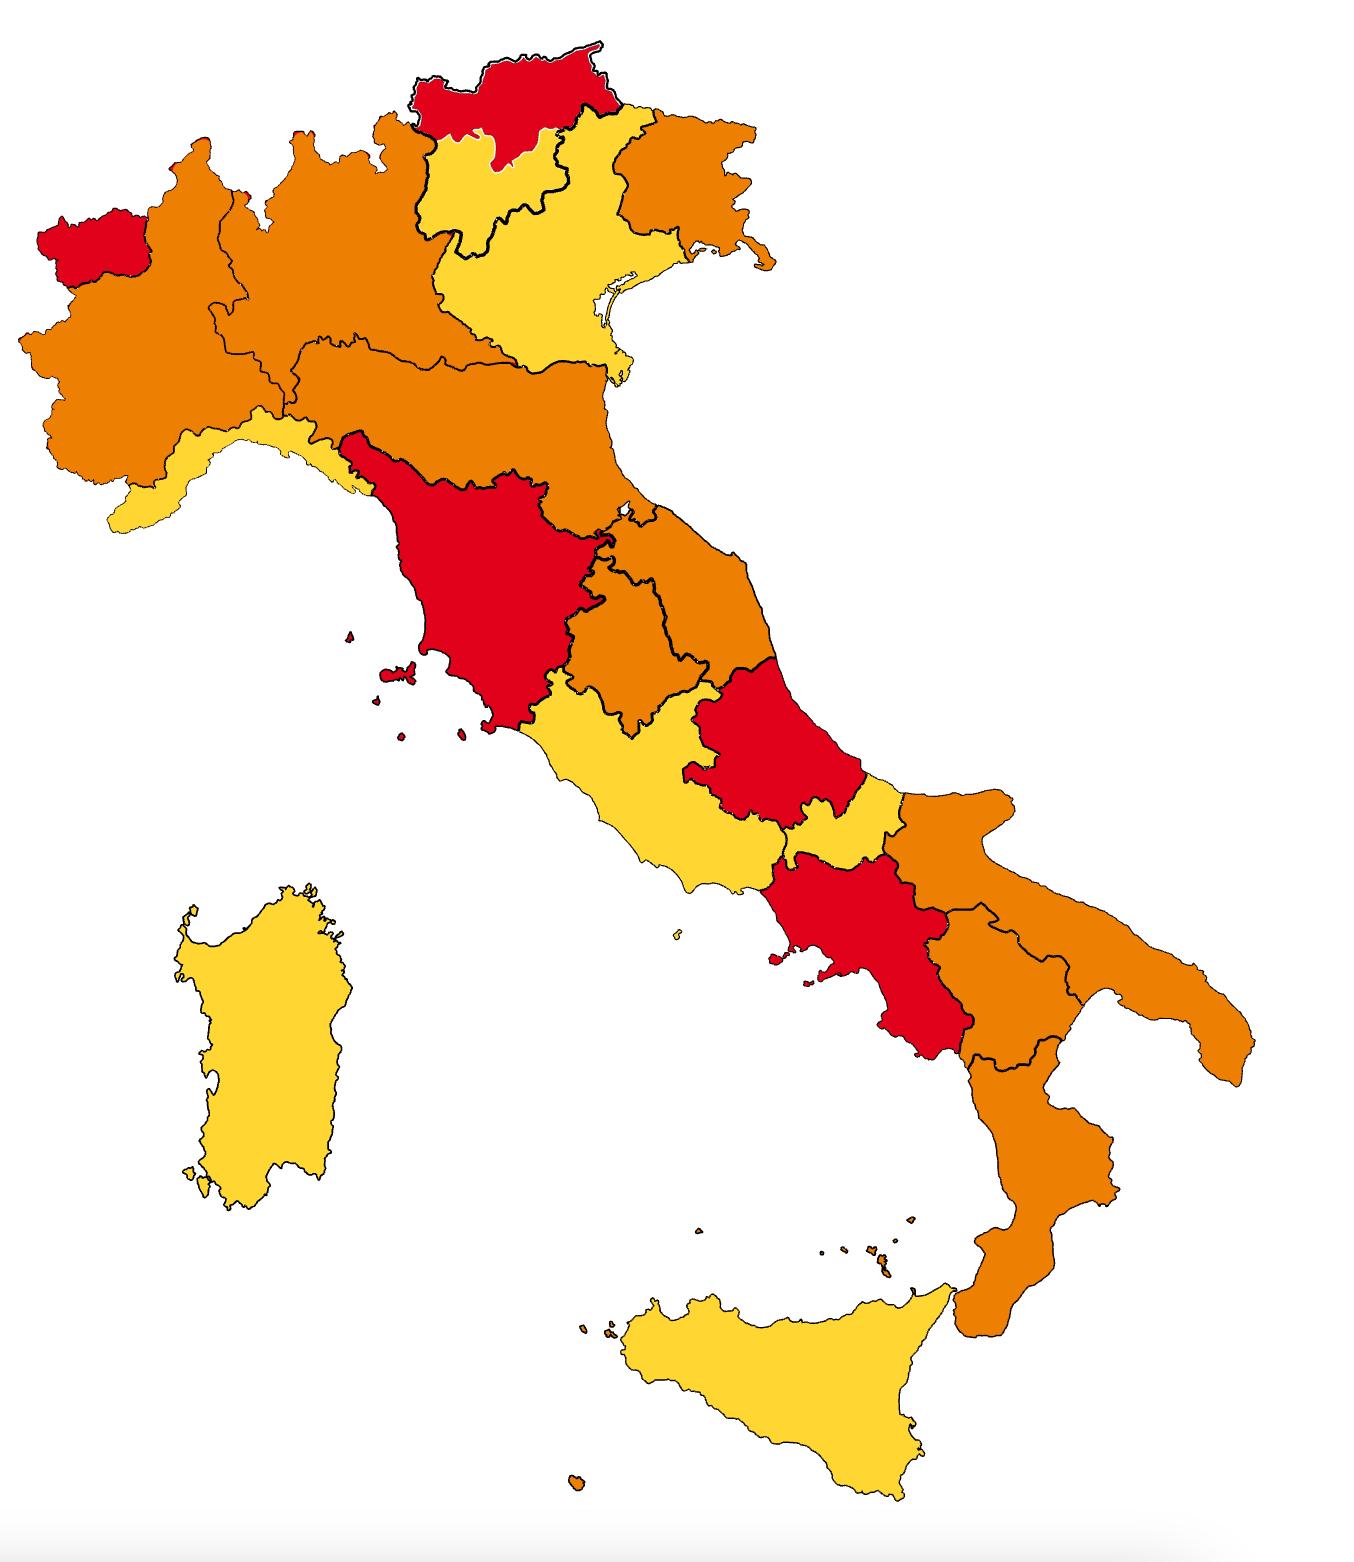 Piemonte zona arancione